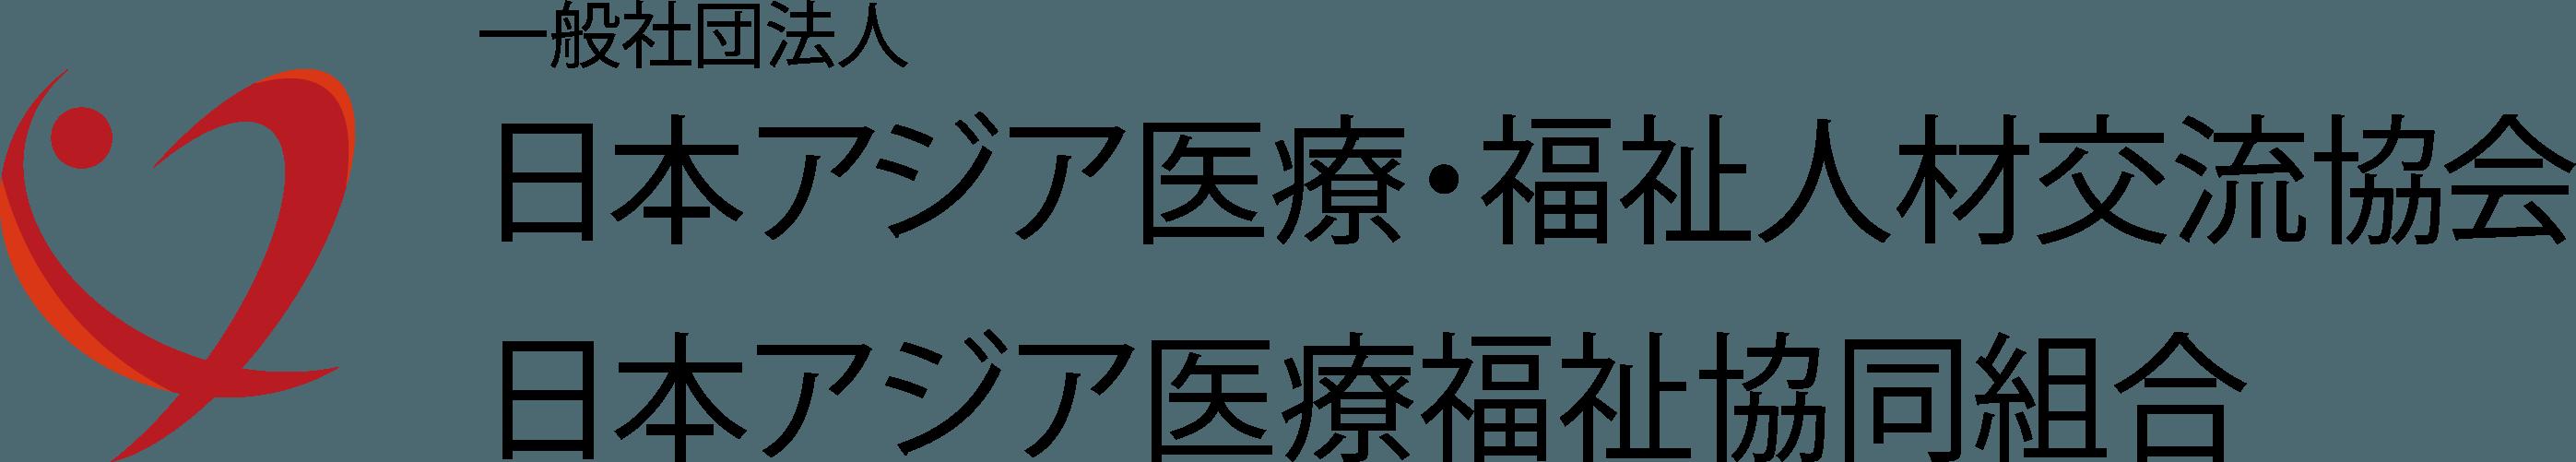 日本亚细亚医疗福祉协同组合ロゴ